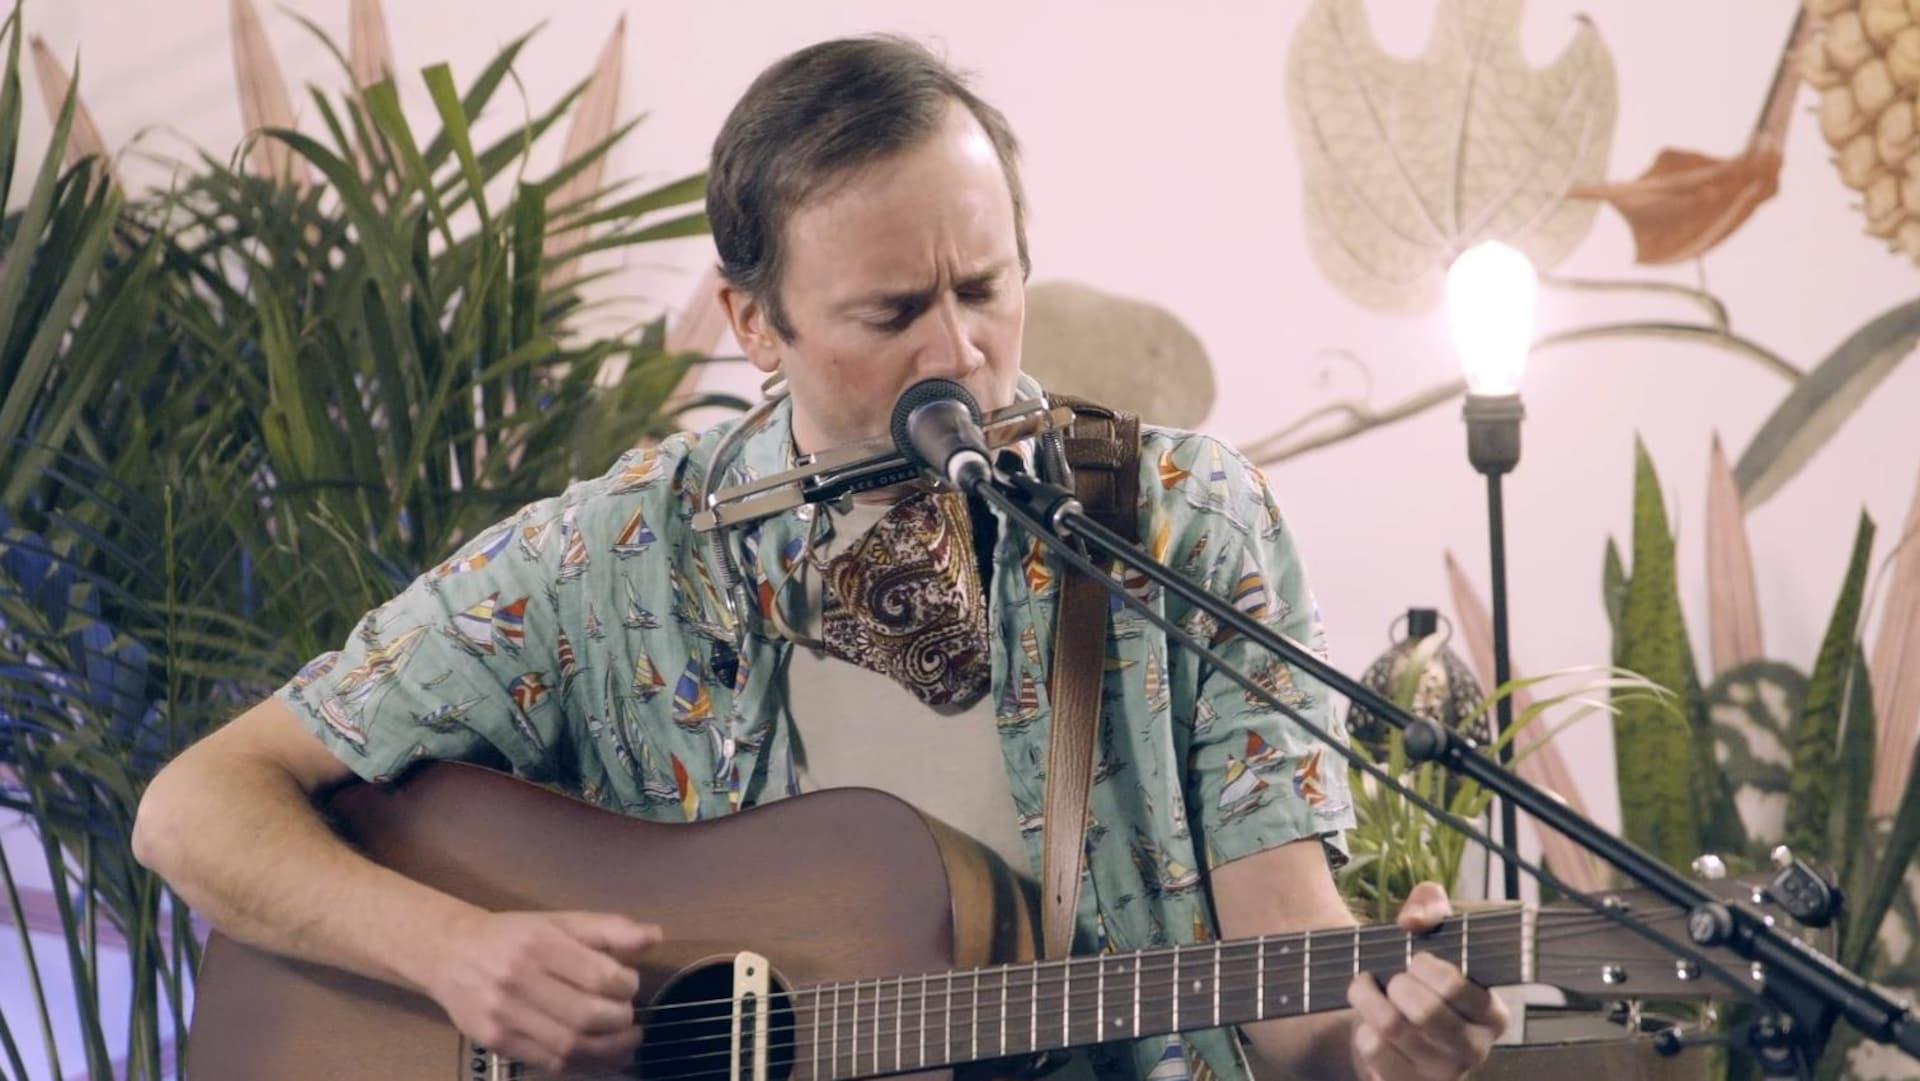 Le musicien Tom Keenan souffle dans un harmonica en jouant de la guitare.